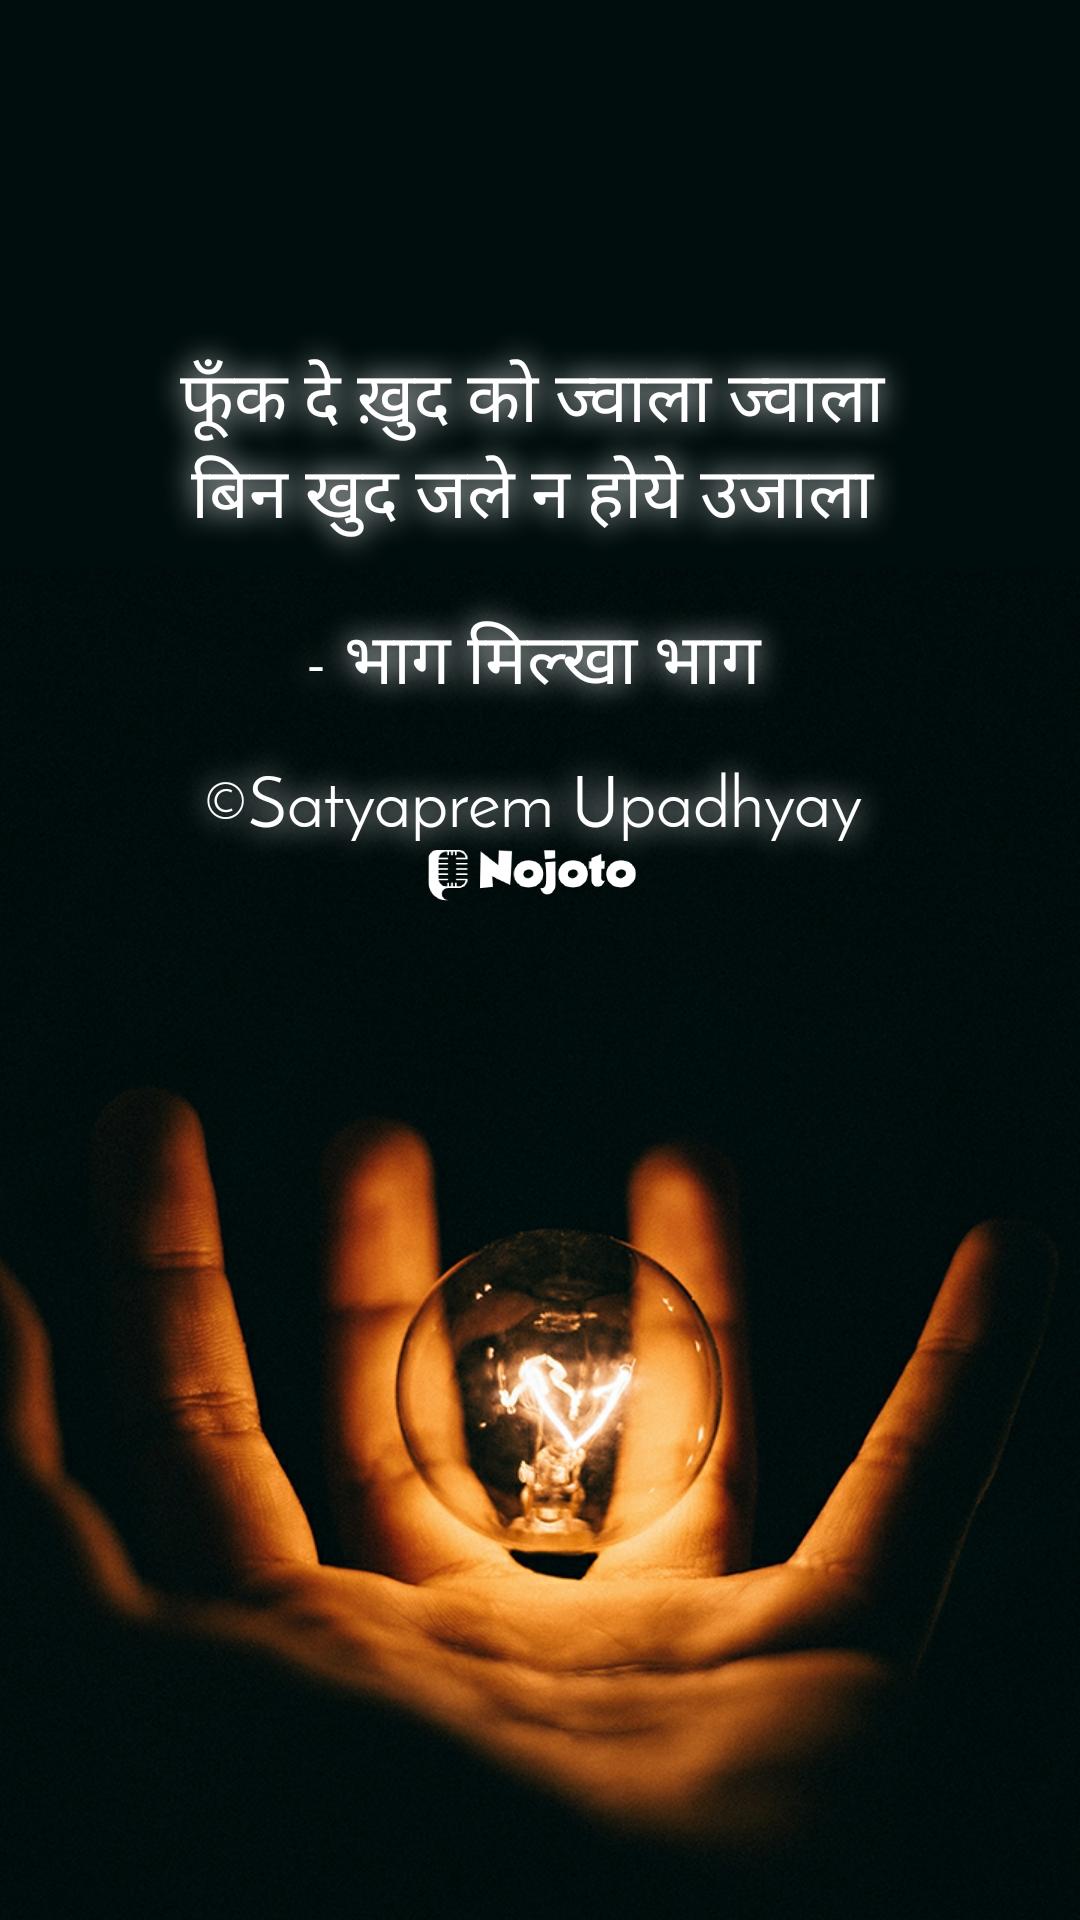 फूँक दे ख़ुद को ज्वाला ज्वाला बिन खुद जले न होये उजाला  - भाग मिल्खा भाग  ©Satyaprem Upadhyay